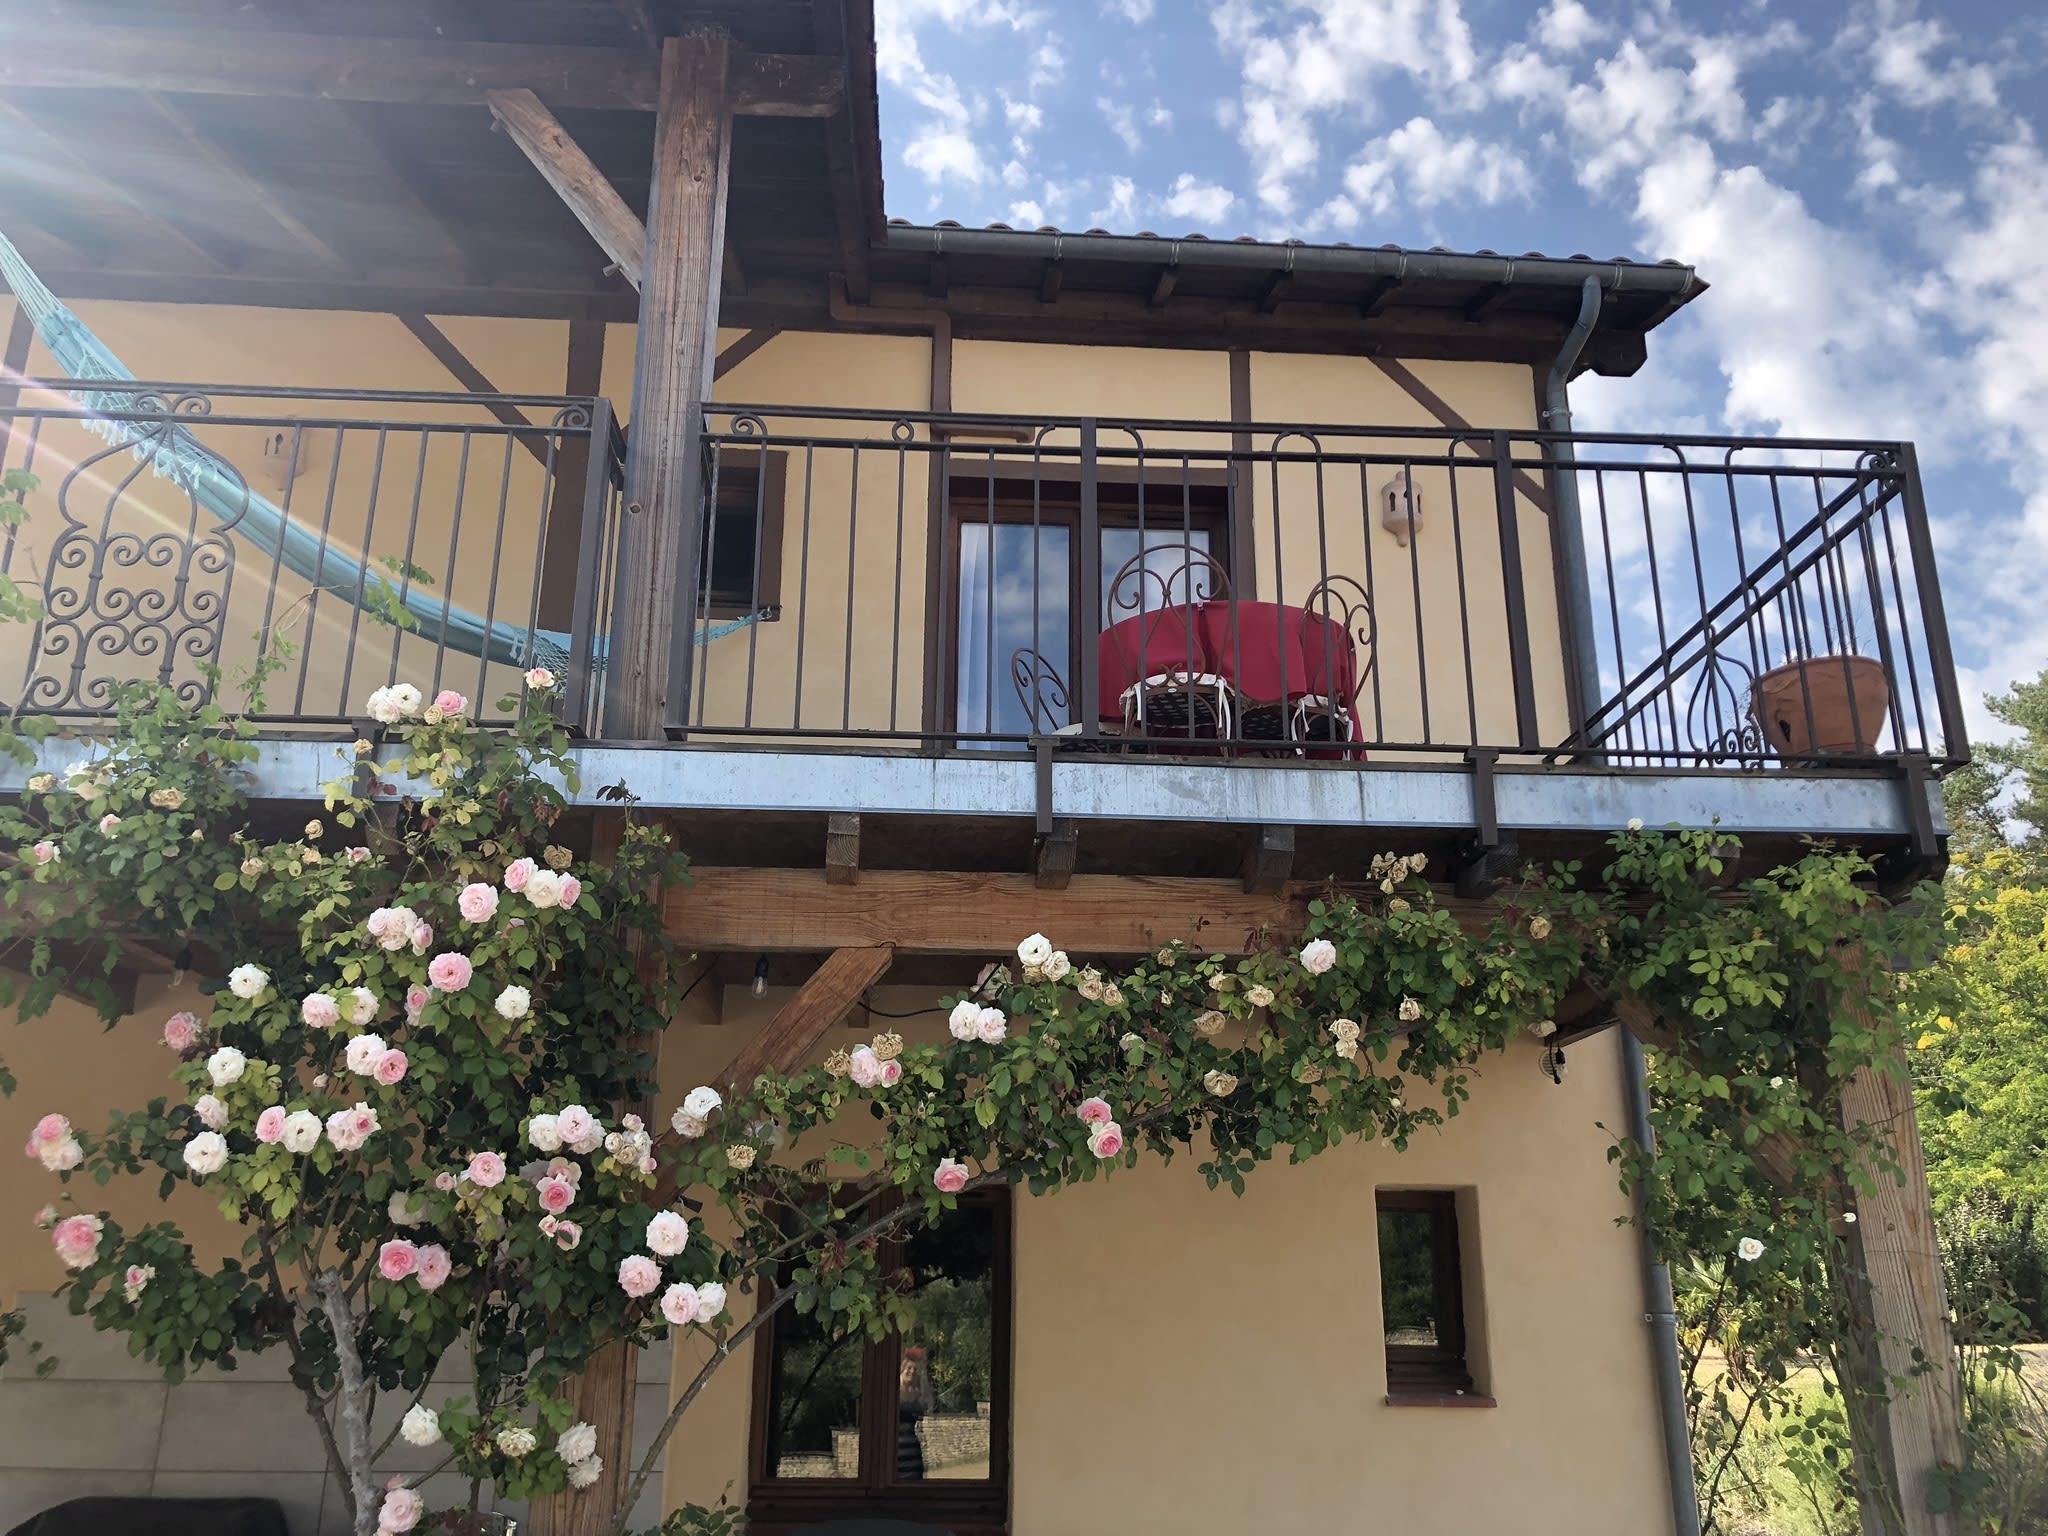 étoile de Jor eco-lodge, a ground floor ecologically renovated home...